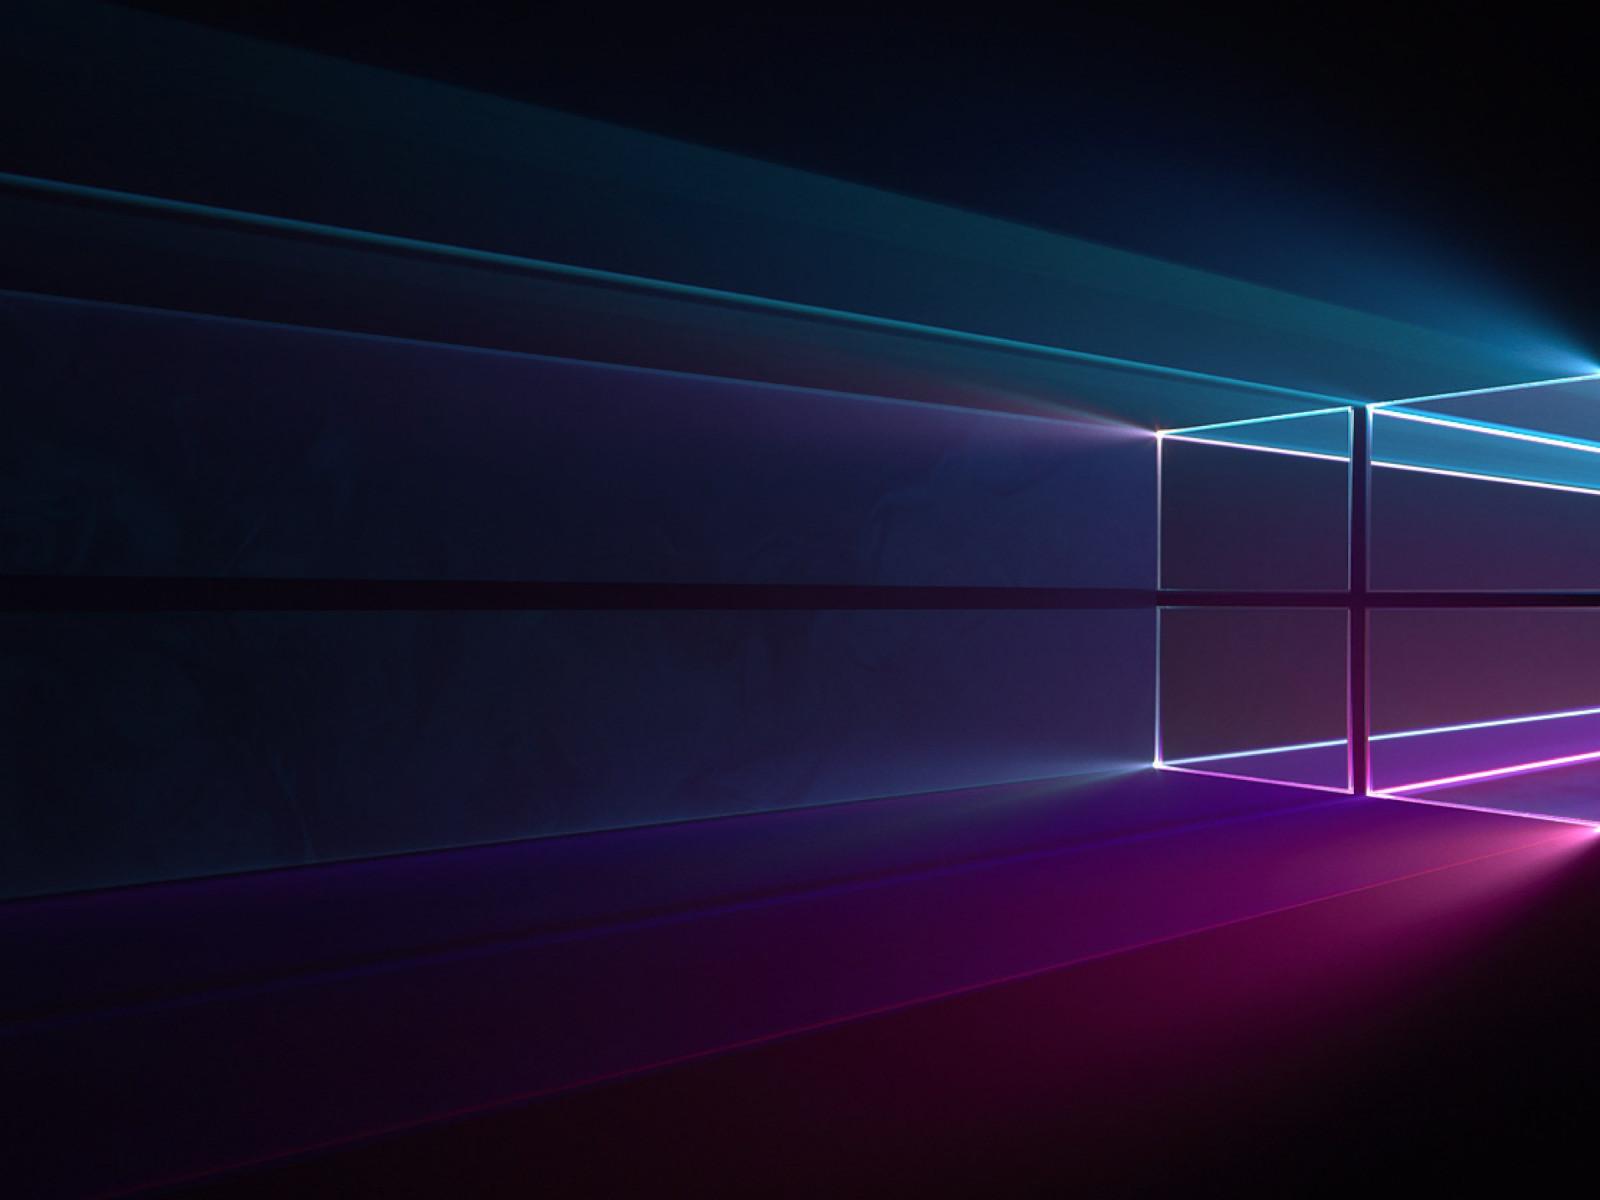 Download Wallpaper Windows 10 Hero 1600x1200